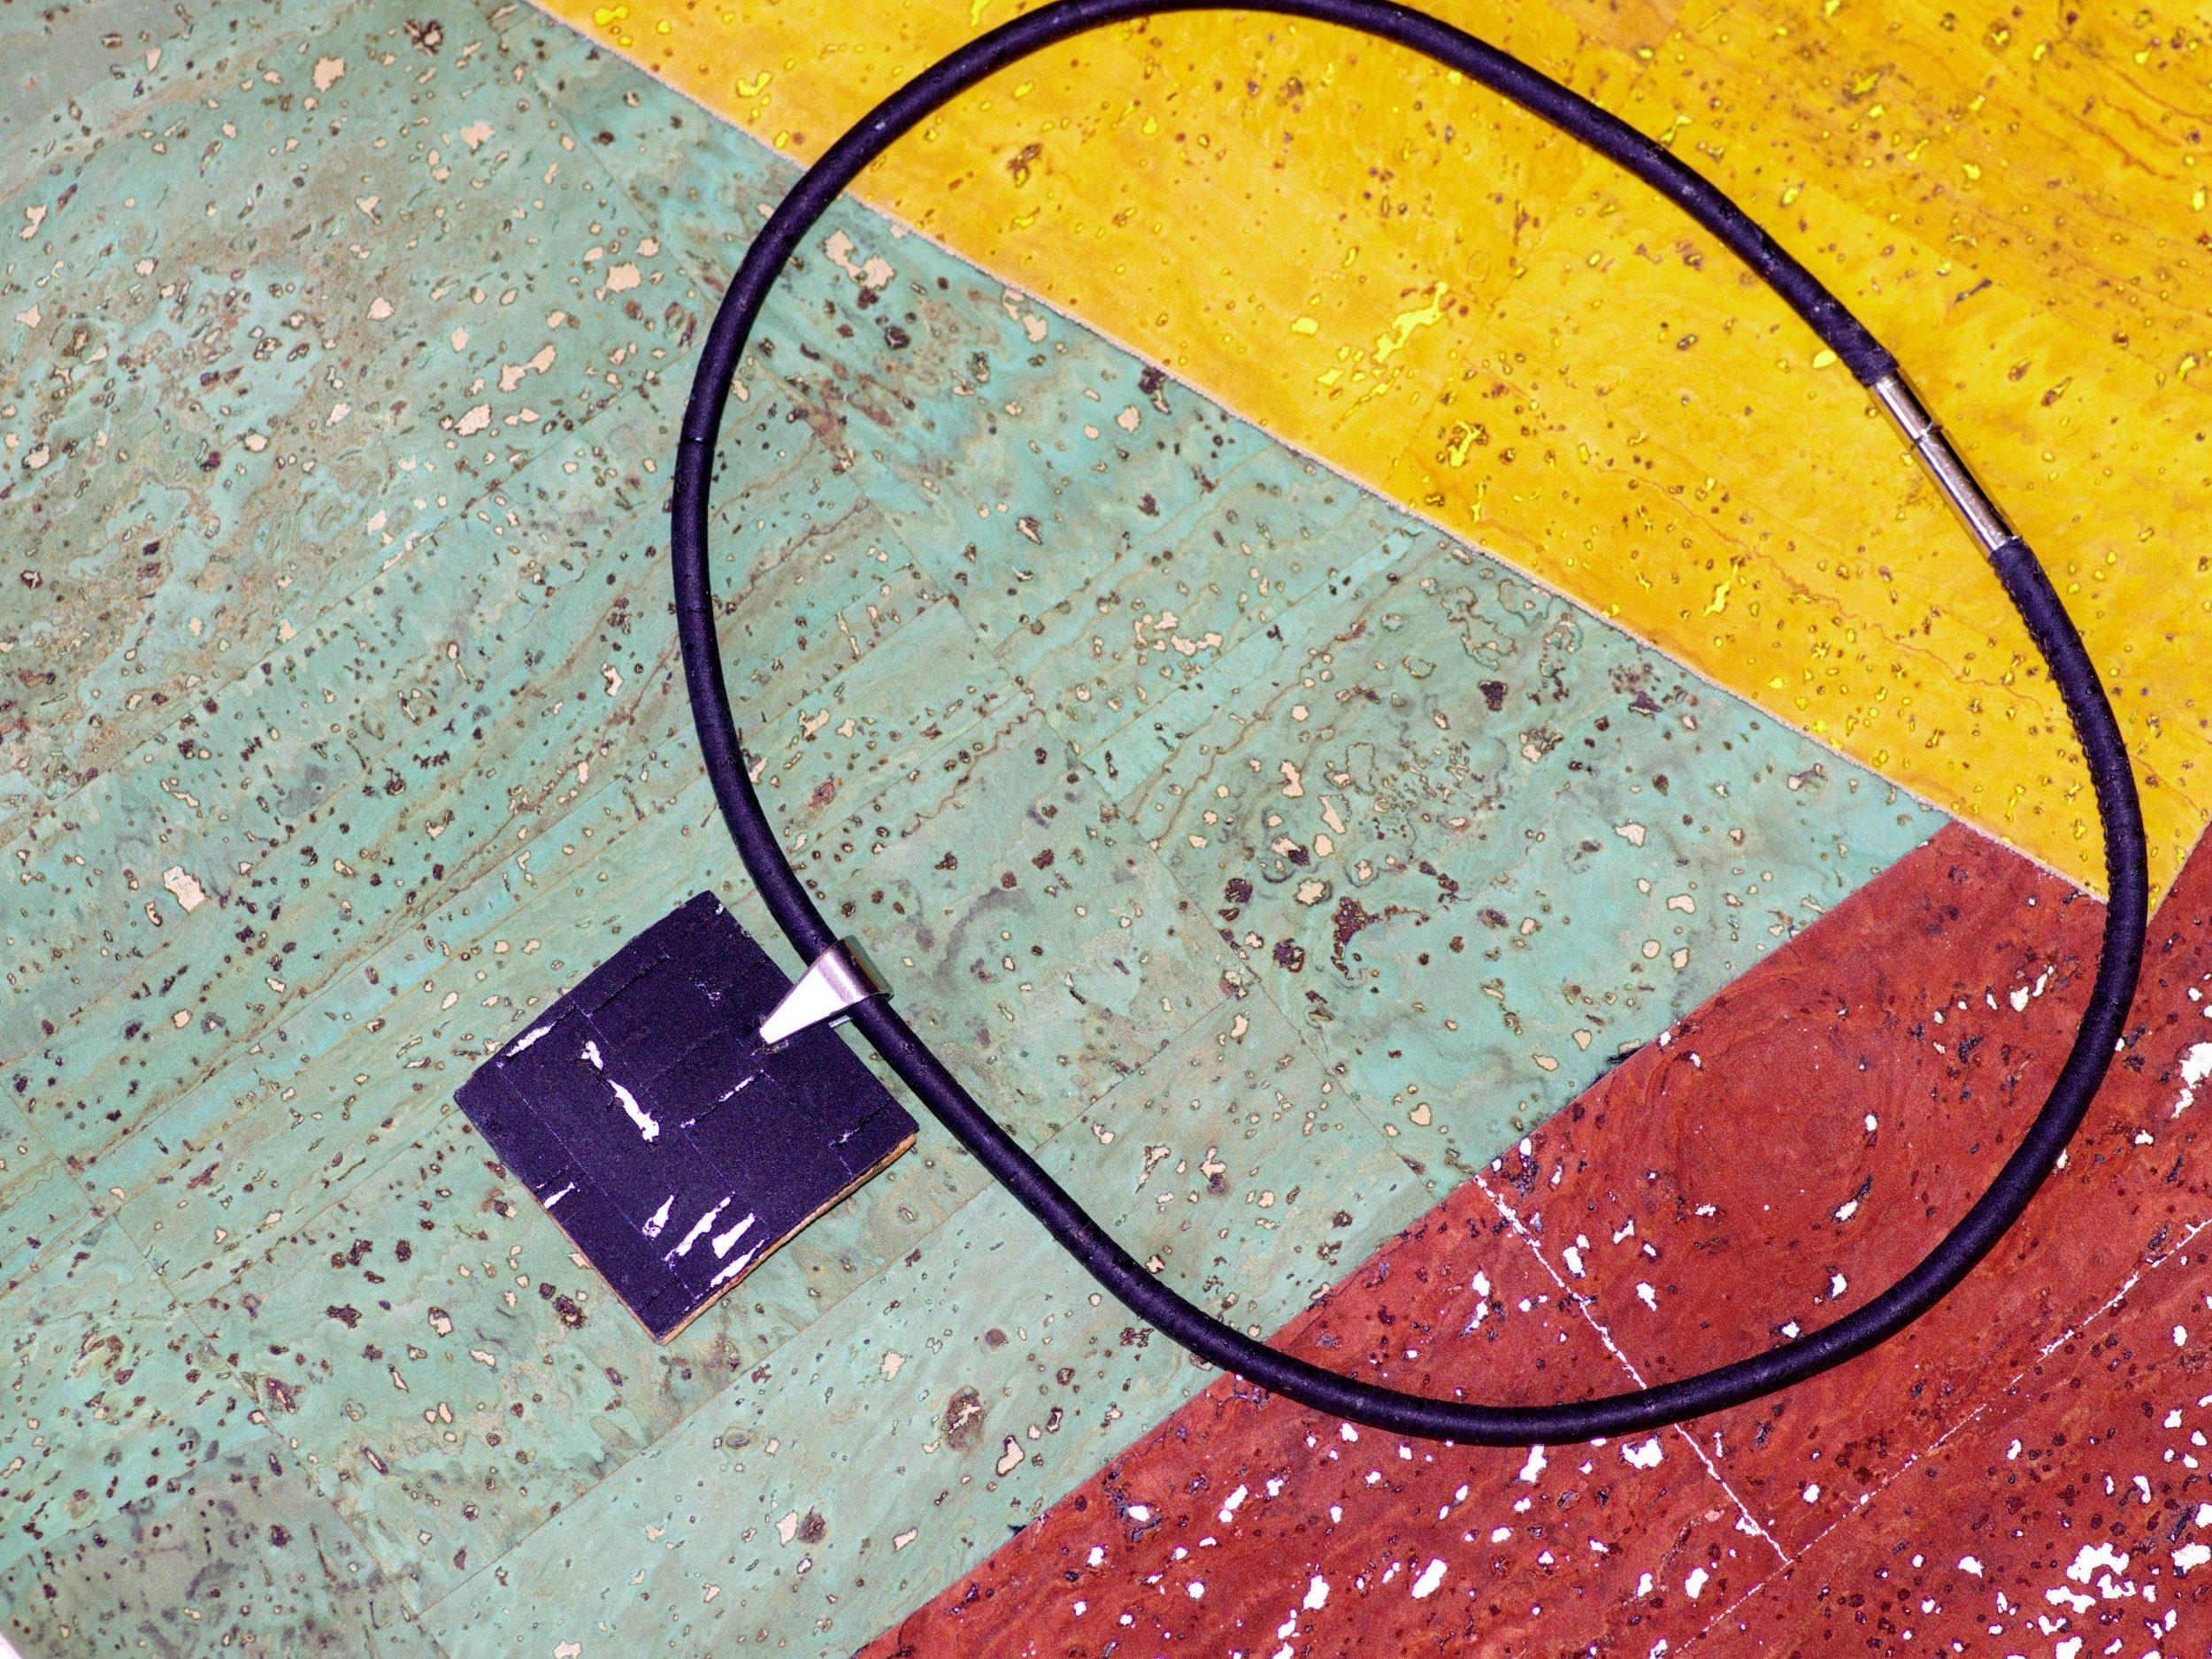 Collier de liège noir et argenté, pendentif carré